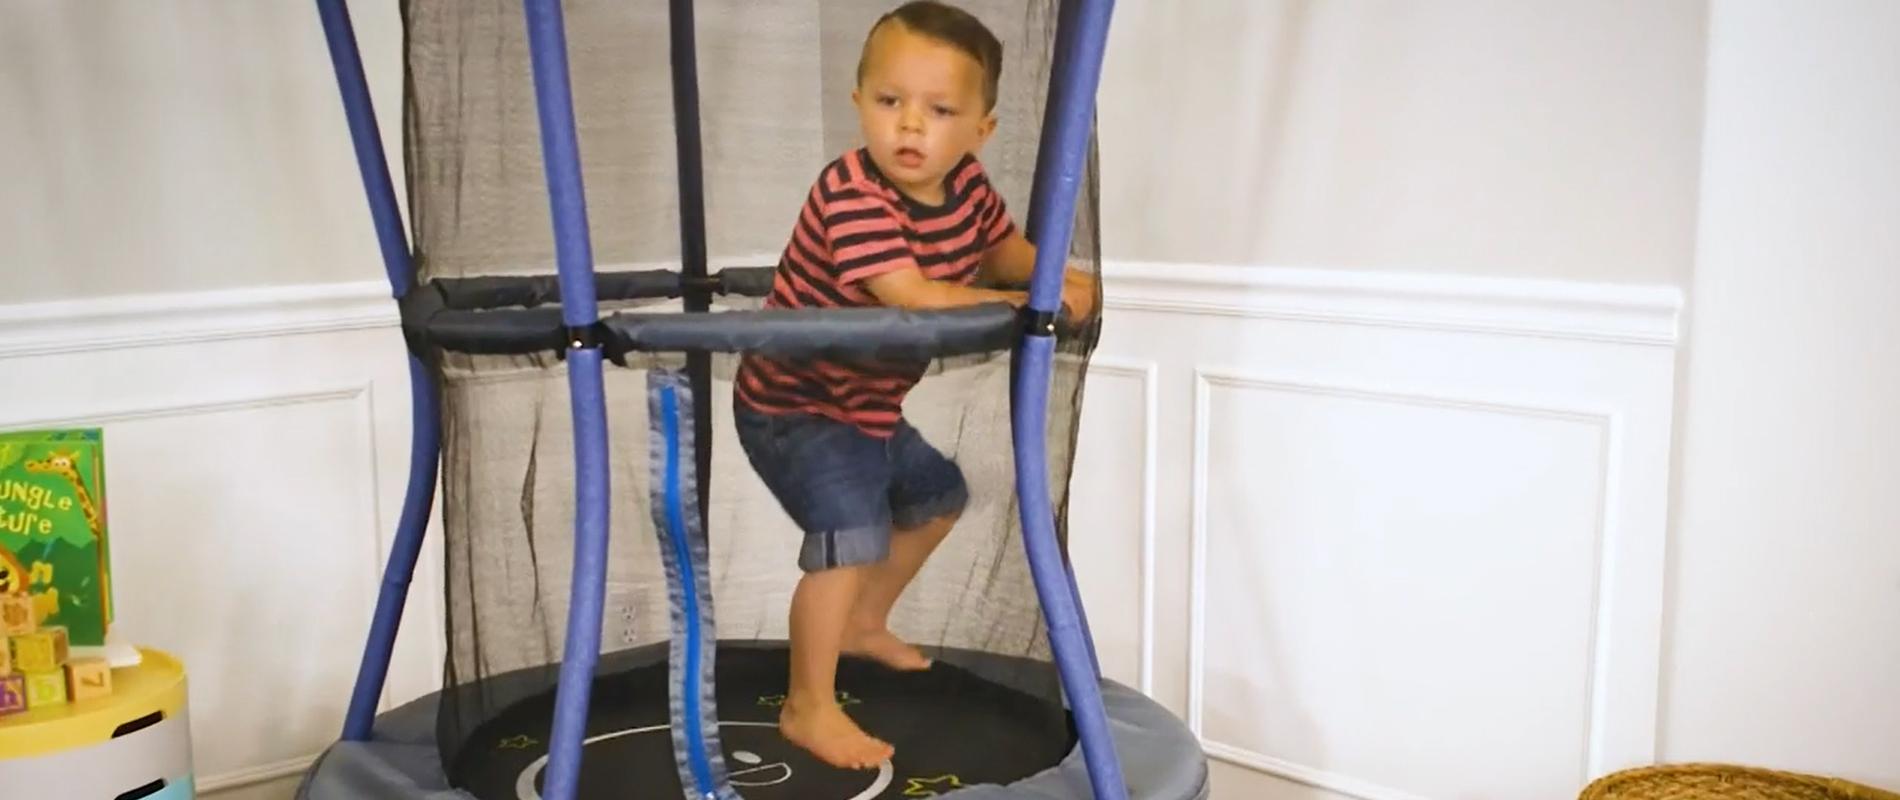 trampoline for kids indoor